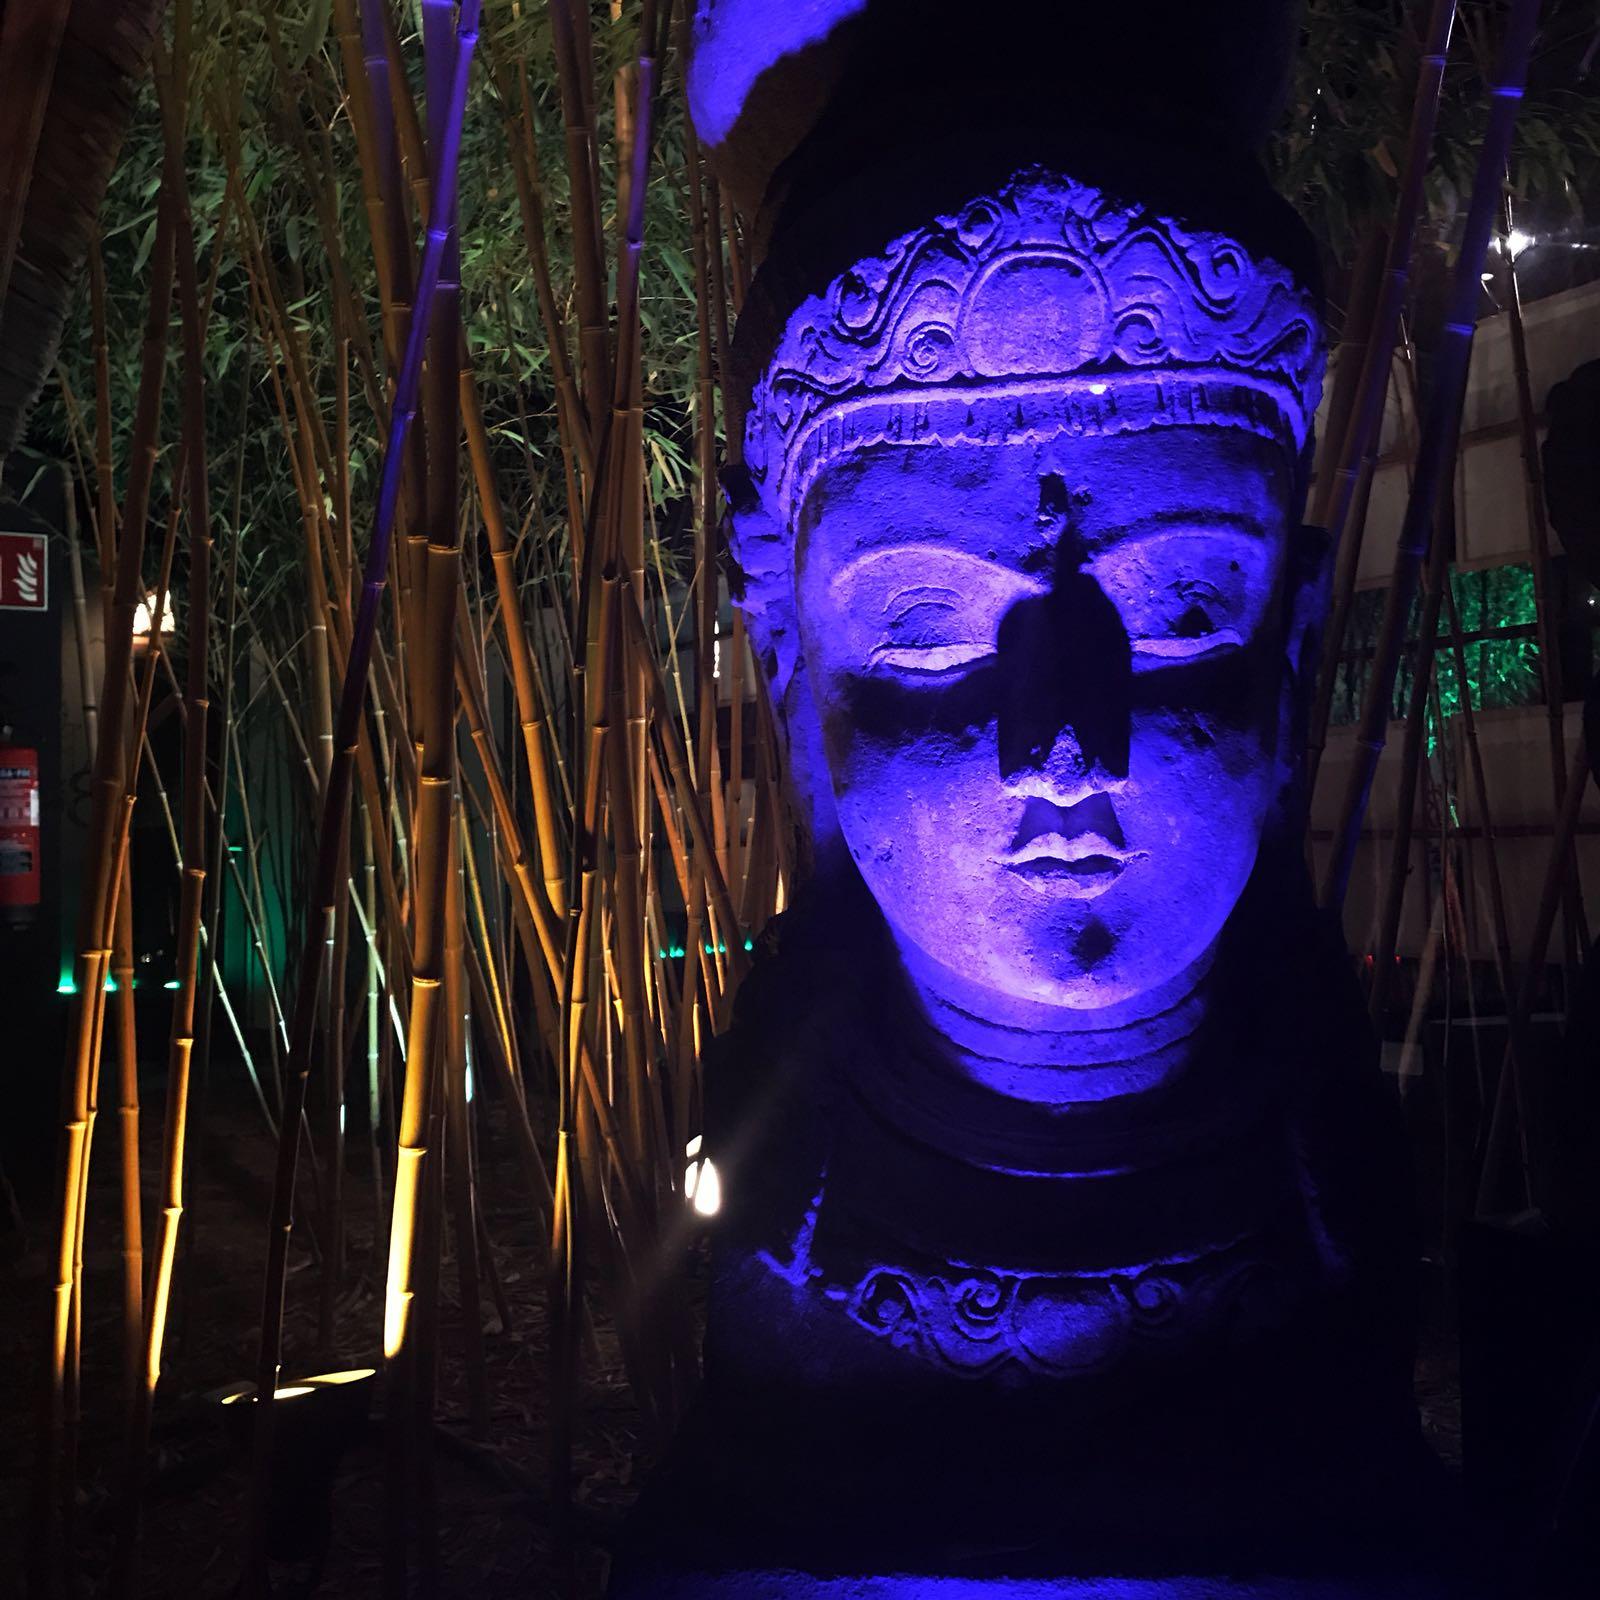 Bambuddha night out.